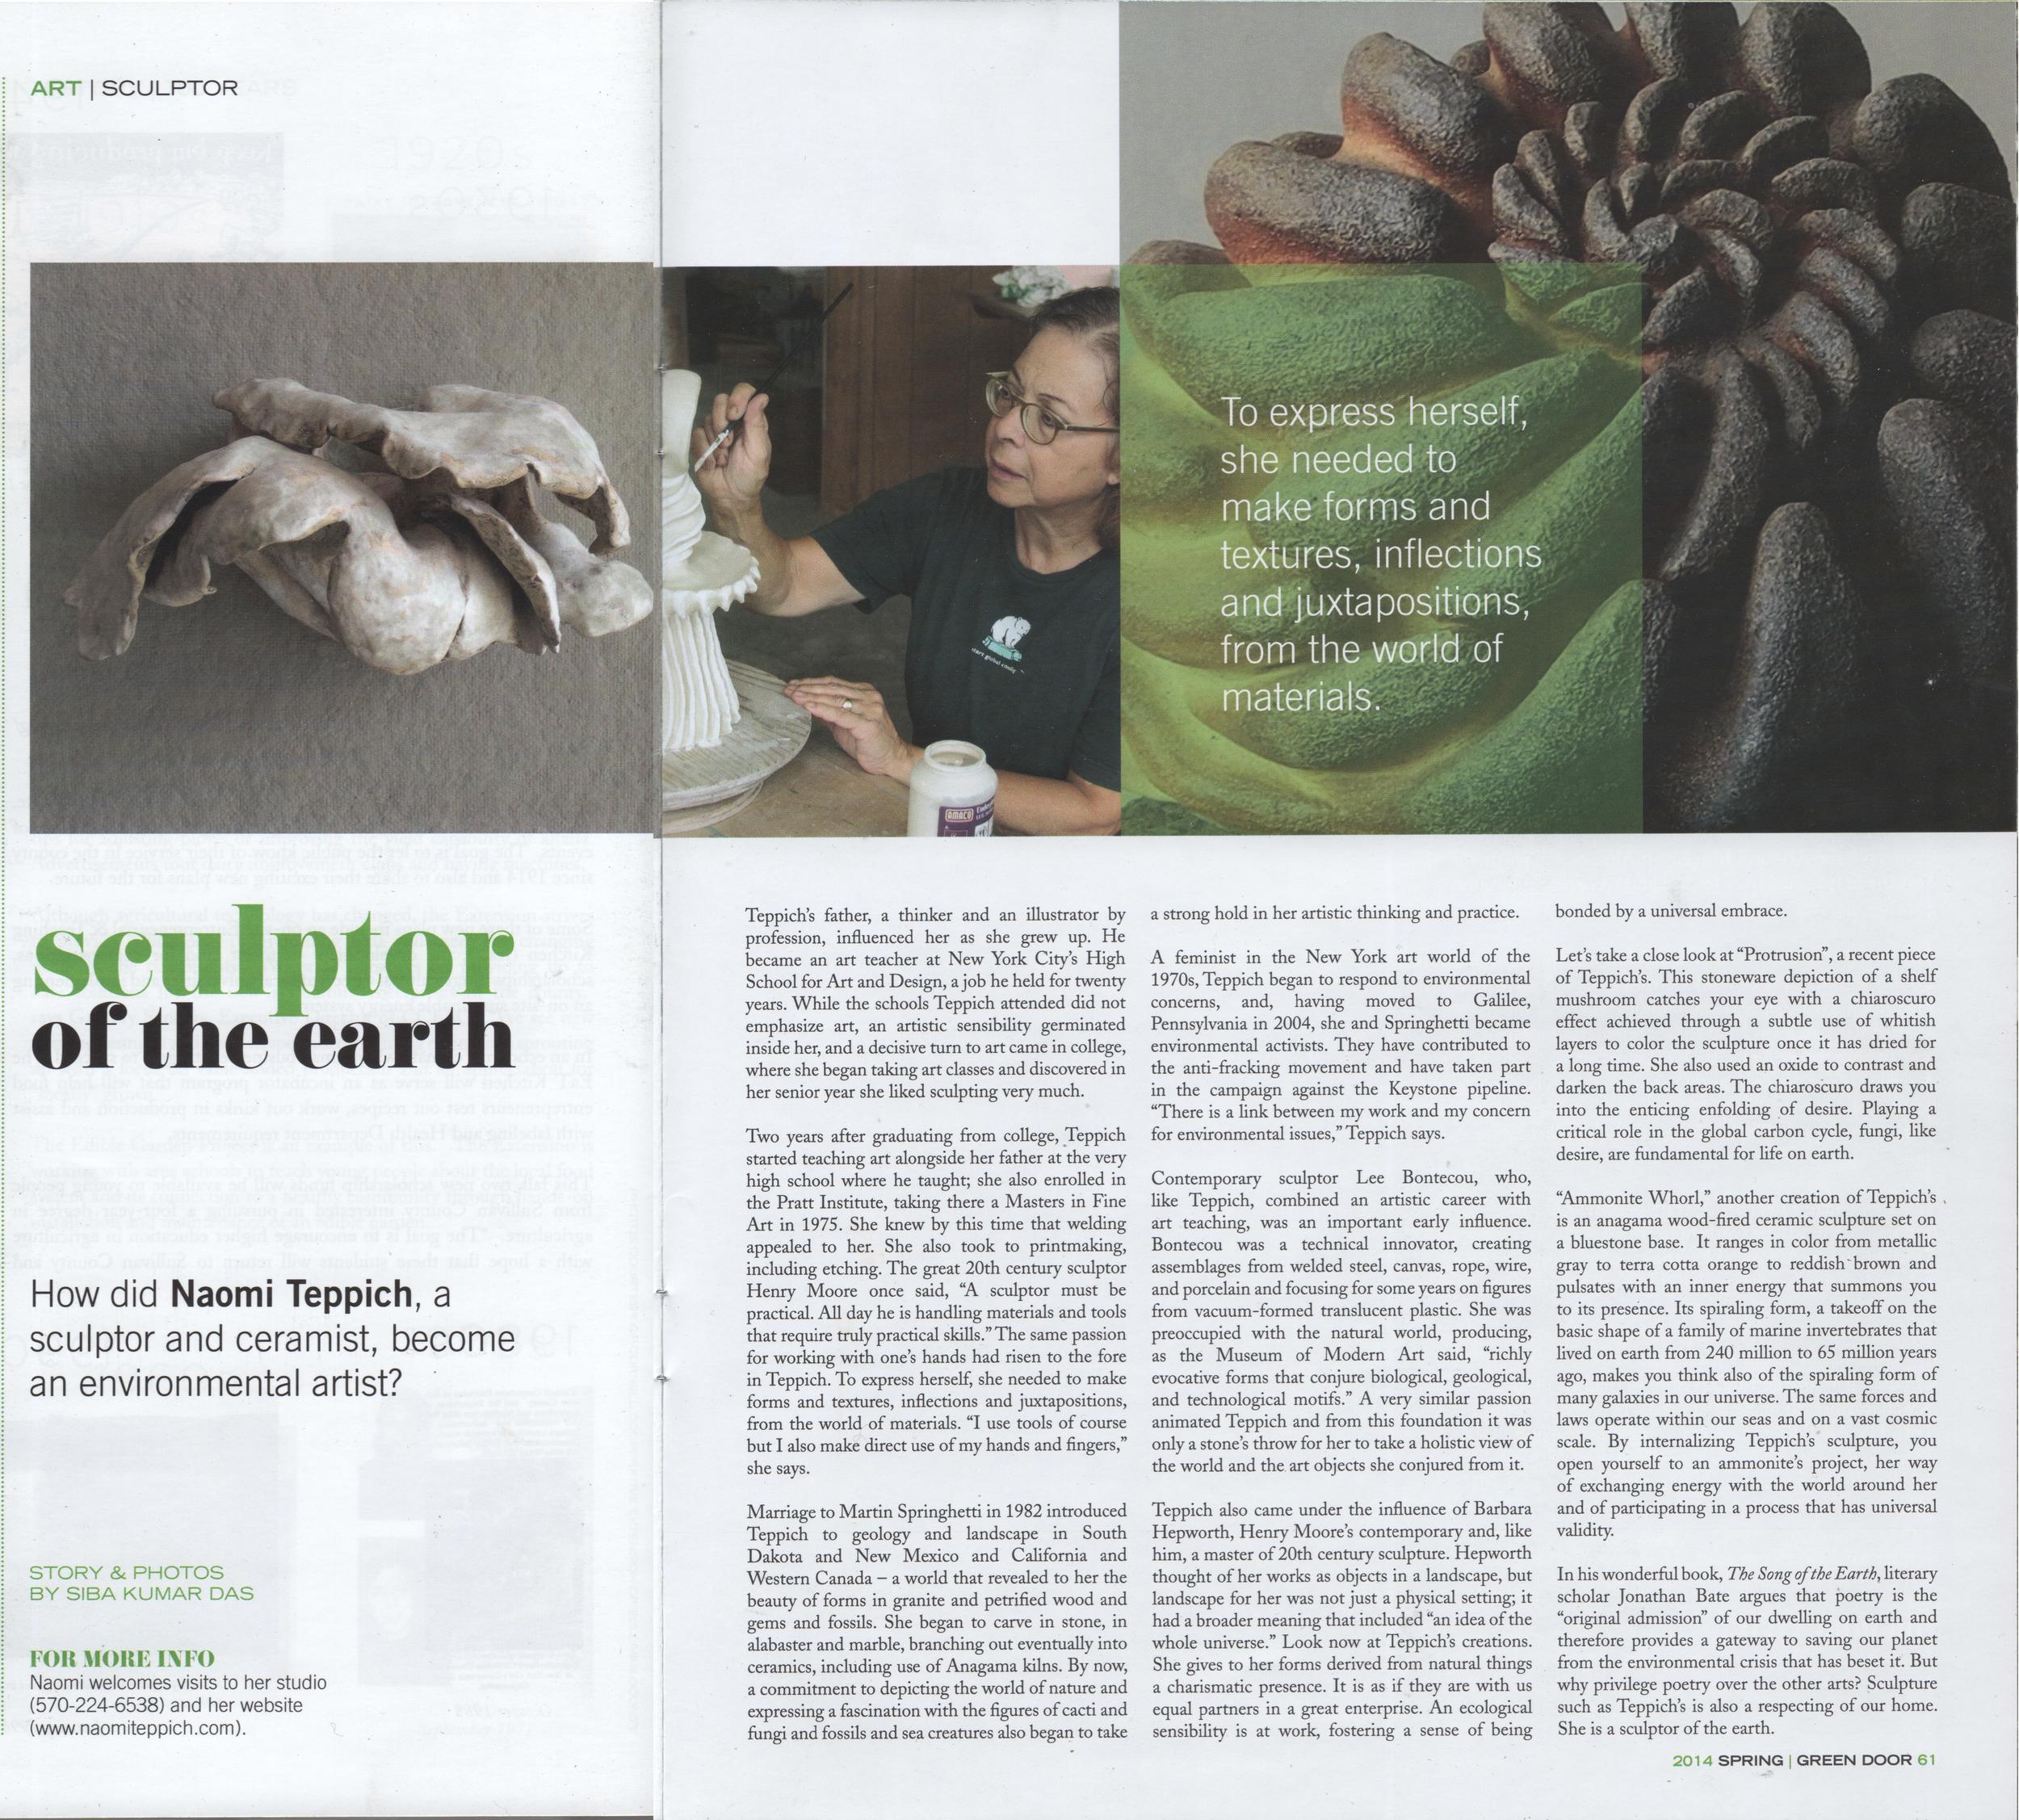 Green Door article:spring 2014.jpg